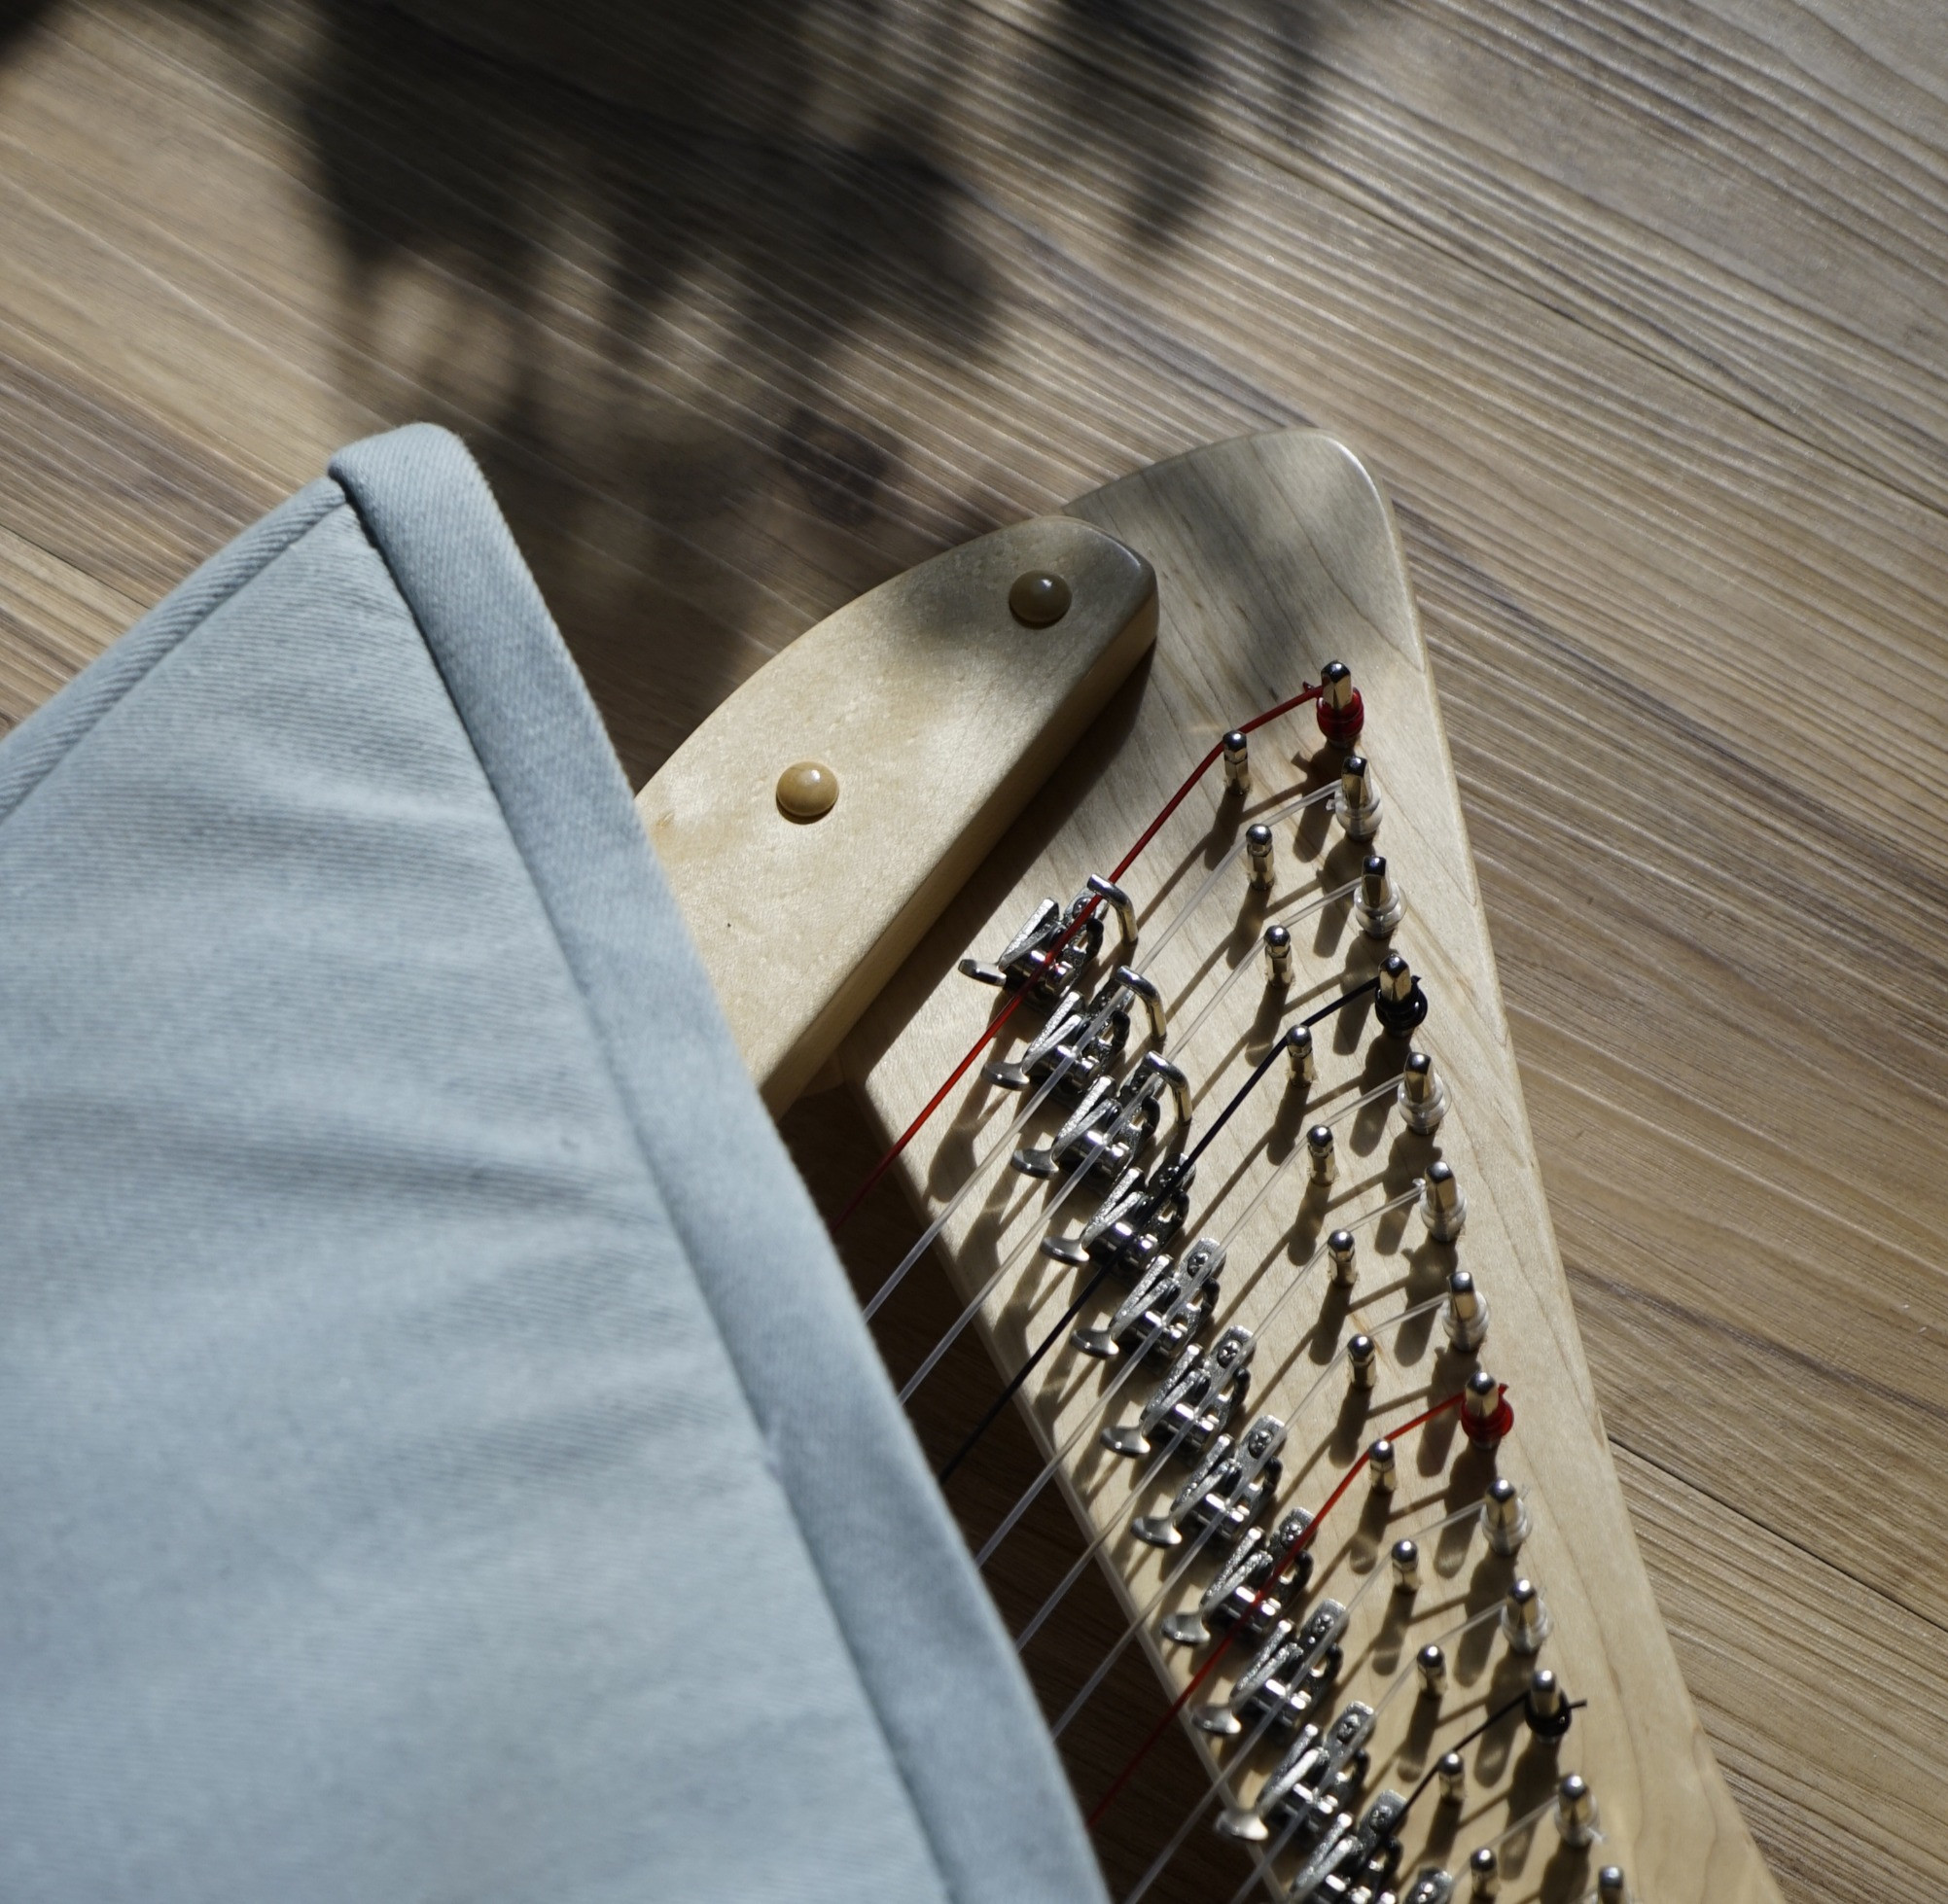 26弦線 Healing HarpCourse (level 1)